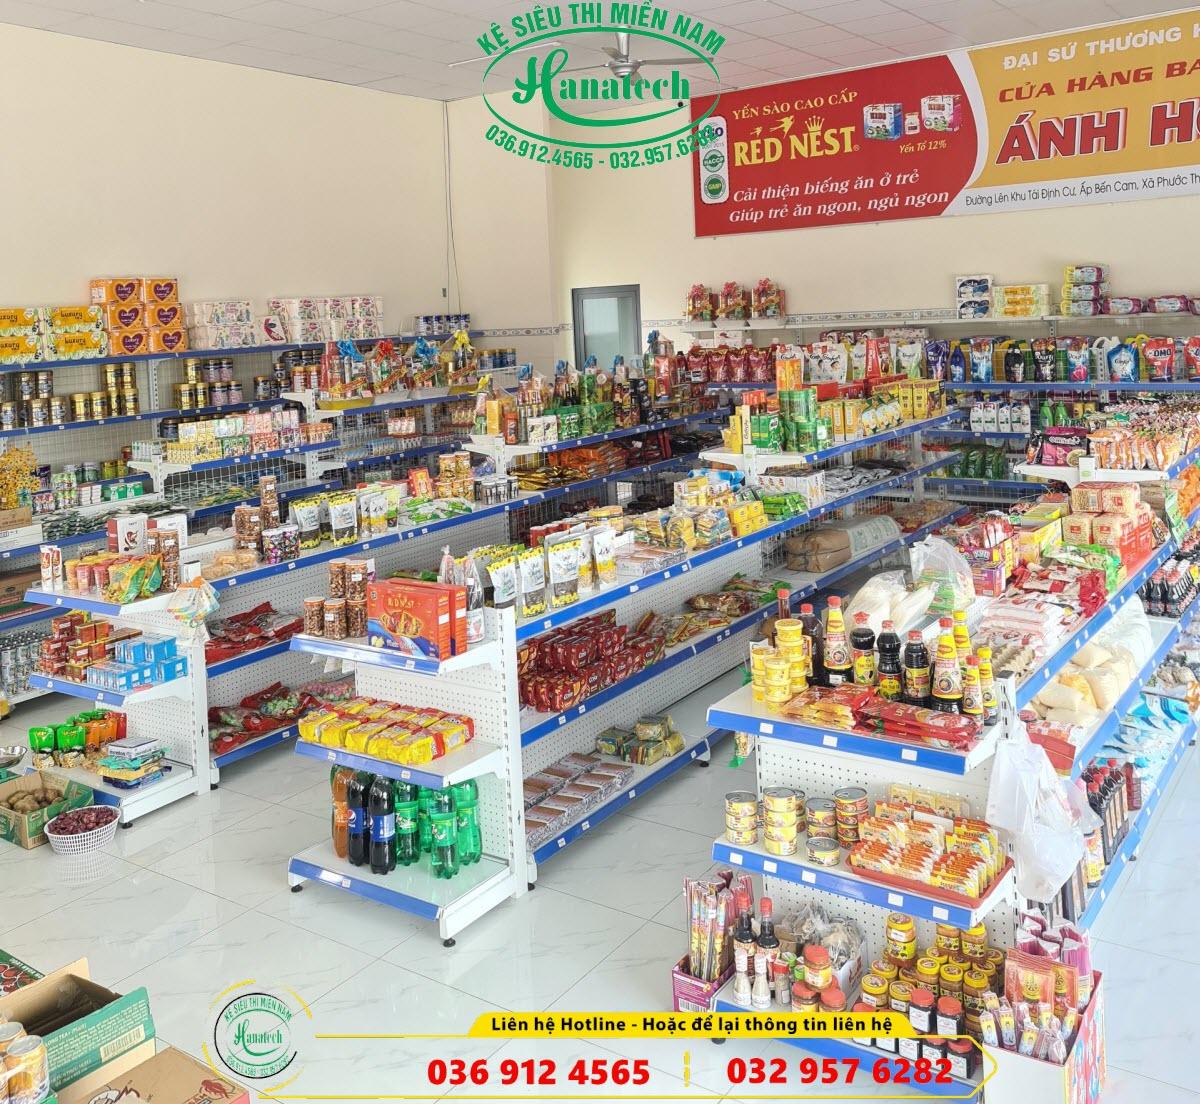 Giá kệ siêu thị mini tại Tây Ninh